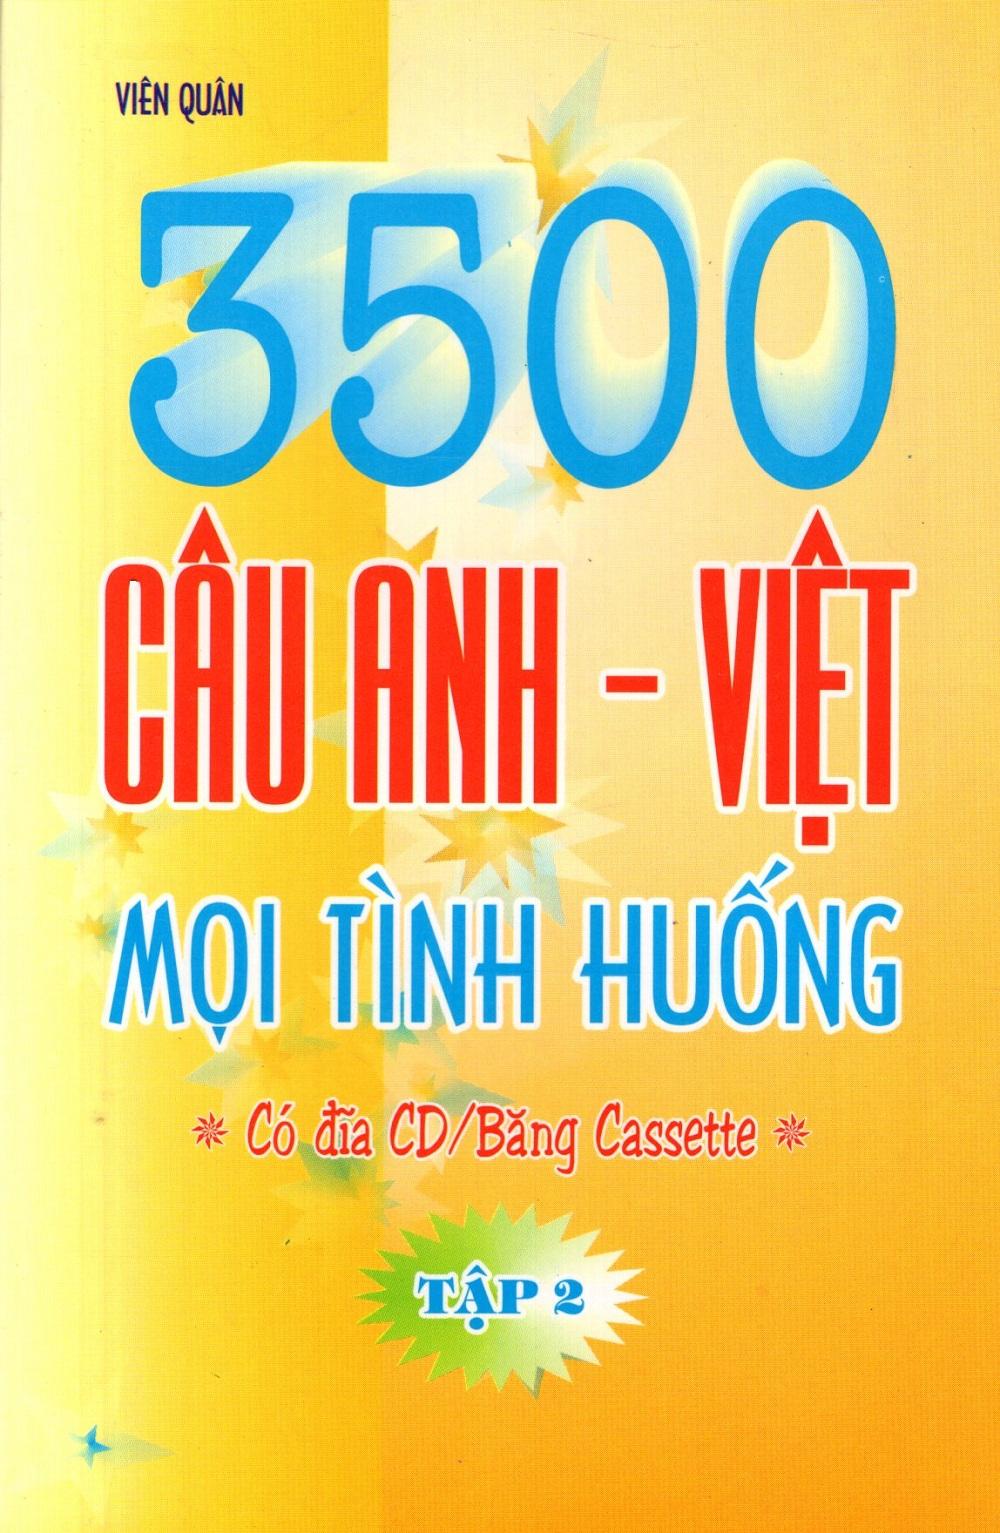 3500 Câu Anh - Việt Mọi Tình Huống (Tập 2) - Sách Bỏ Túi - 3102889935330,62_239348,23500,tiki.vn,3500-Cau-Anh-Viet-Moi-Tinh-Huong-Tap-2-Sach-Bo-Tui-62_239348,3500 Câu Anh - Việt Mọi Tình Huống (Tập 2) - Sách Bỏ Túi